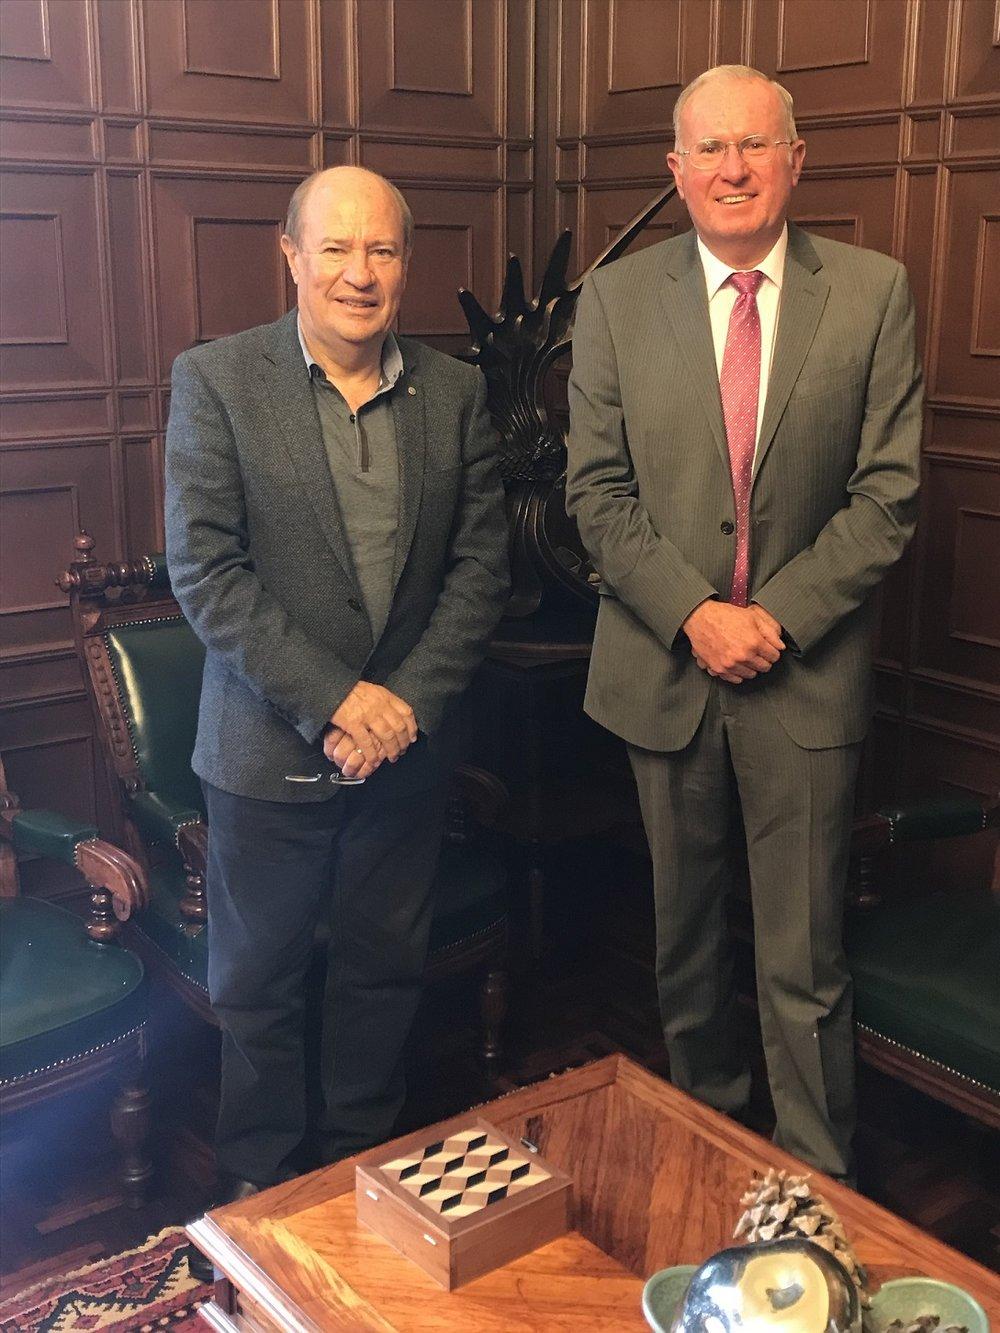 El rector de la UASLP Manuel Fermín Villar Rubio y el director general de la AEM Javier Mendieta Jiménez..jpg